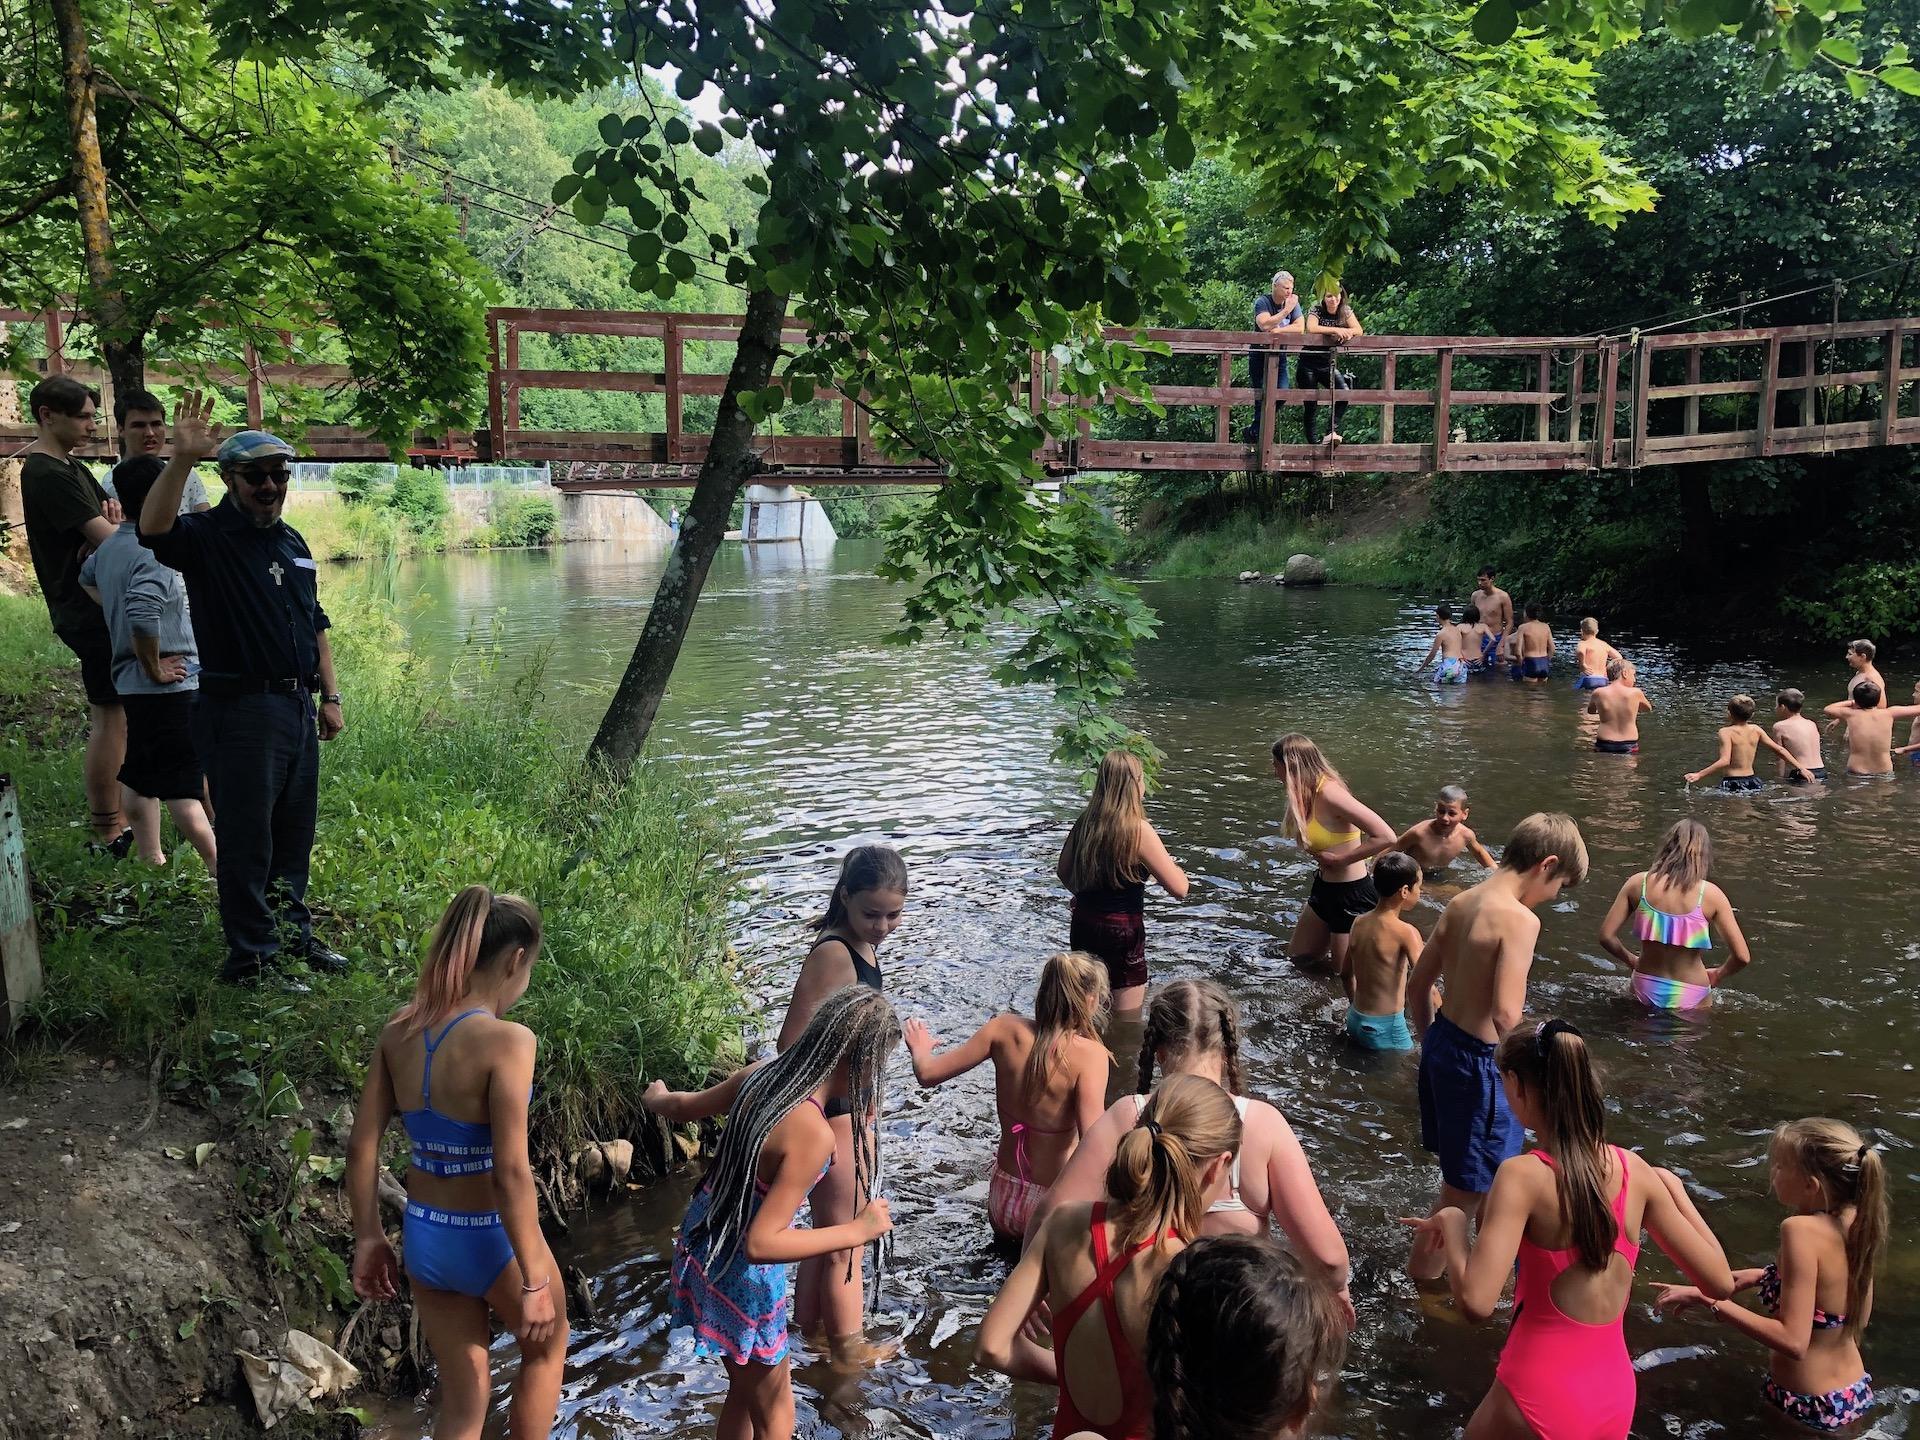 Nel fiume Vilnele, con l'acqua fredda